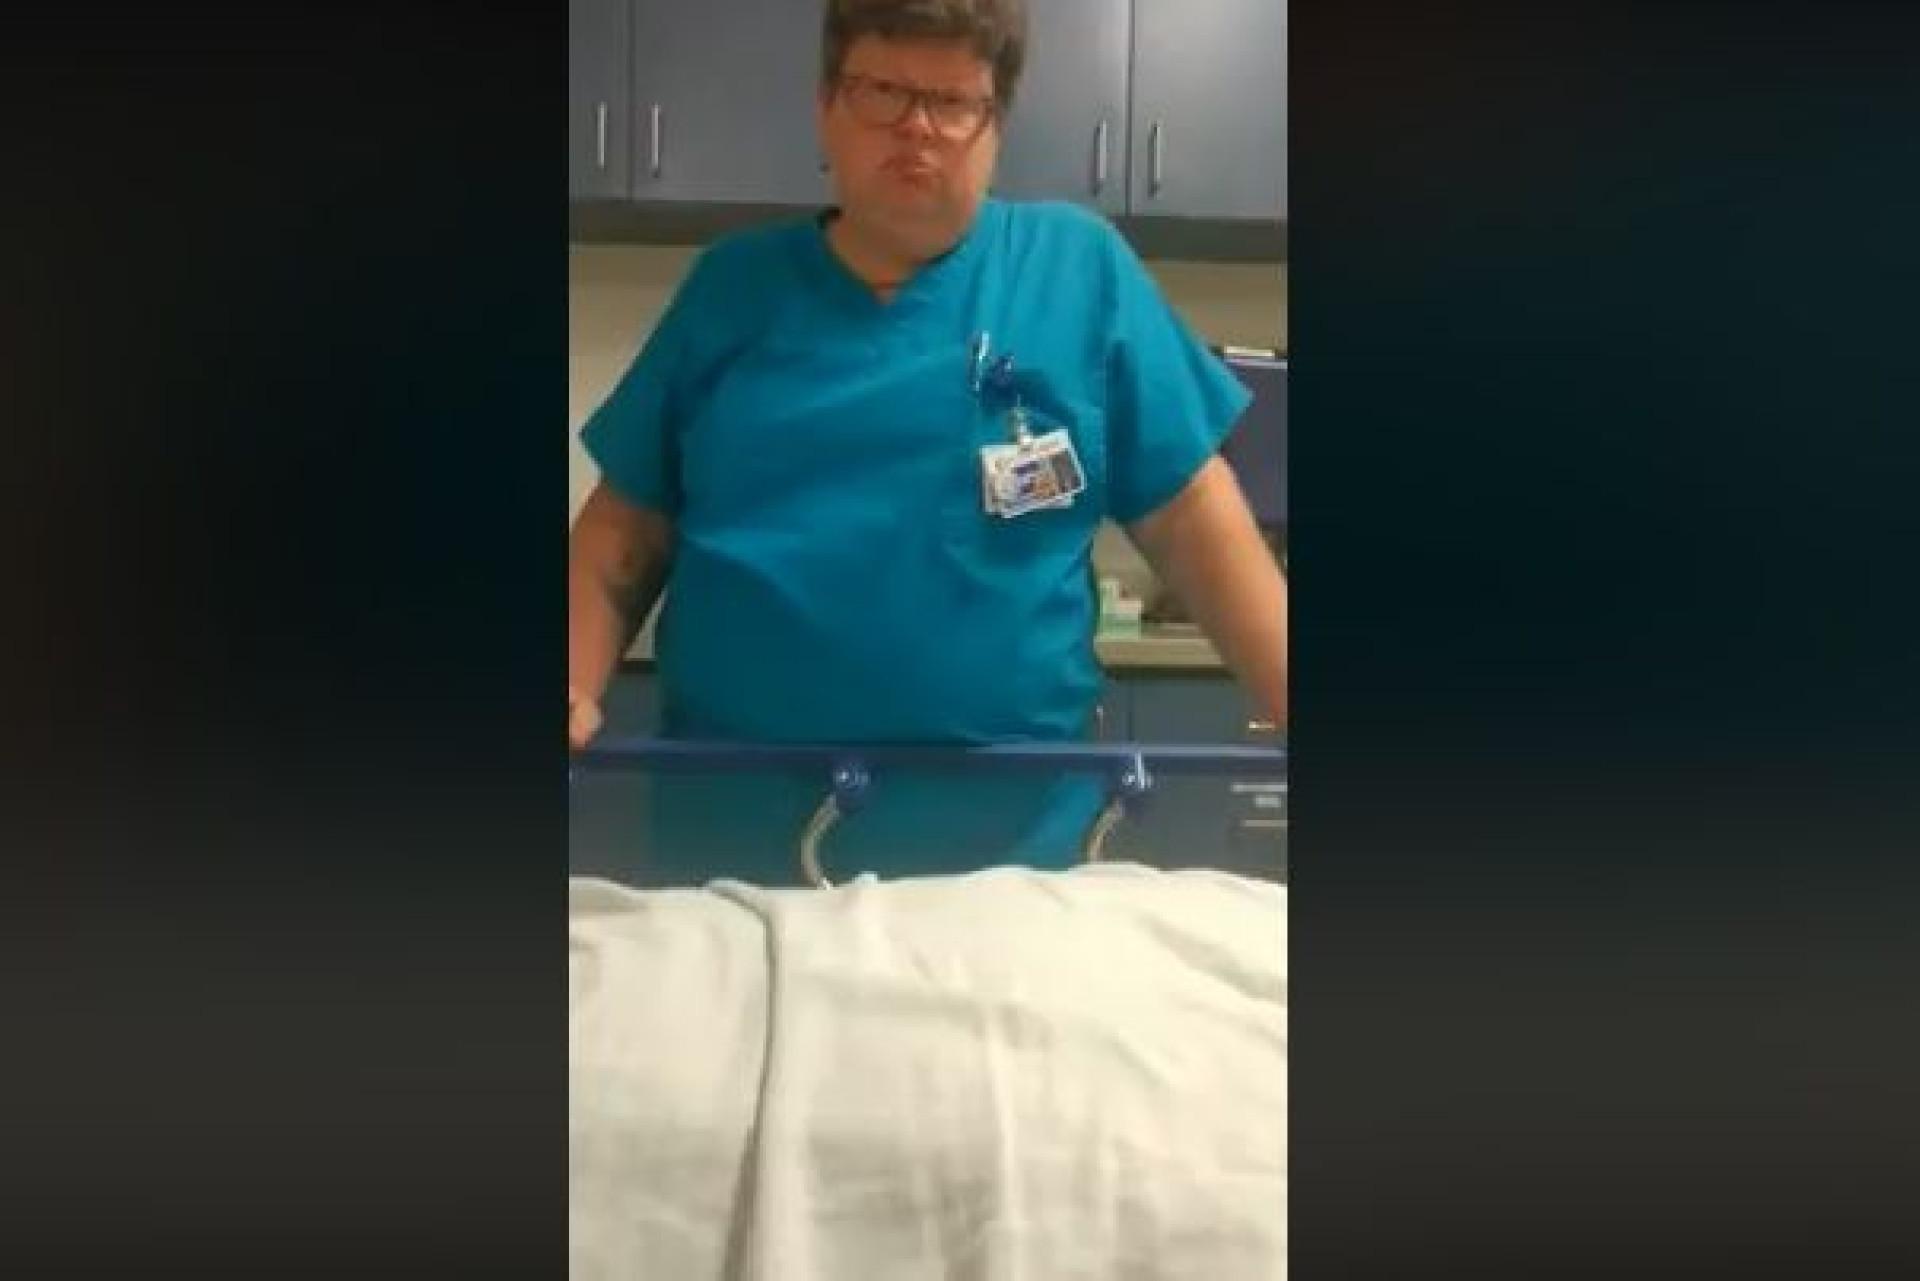 Médica suspensa por ridicularizar jovem doente